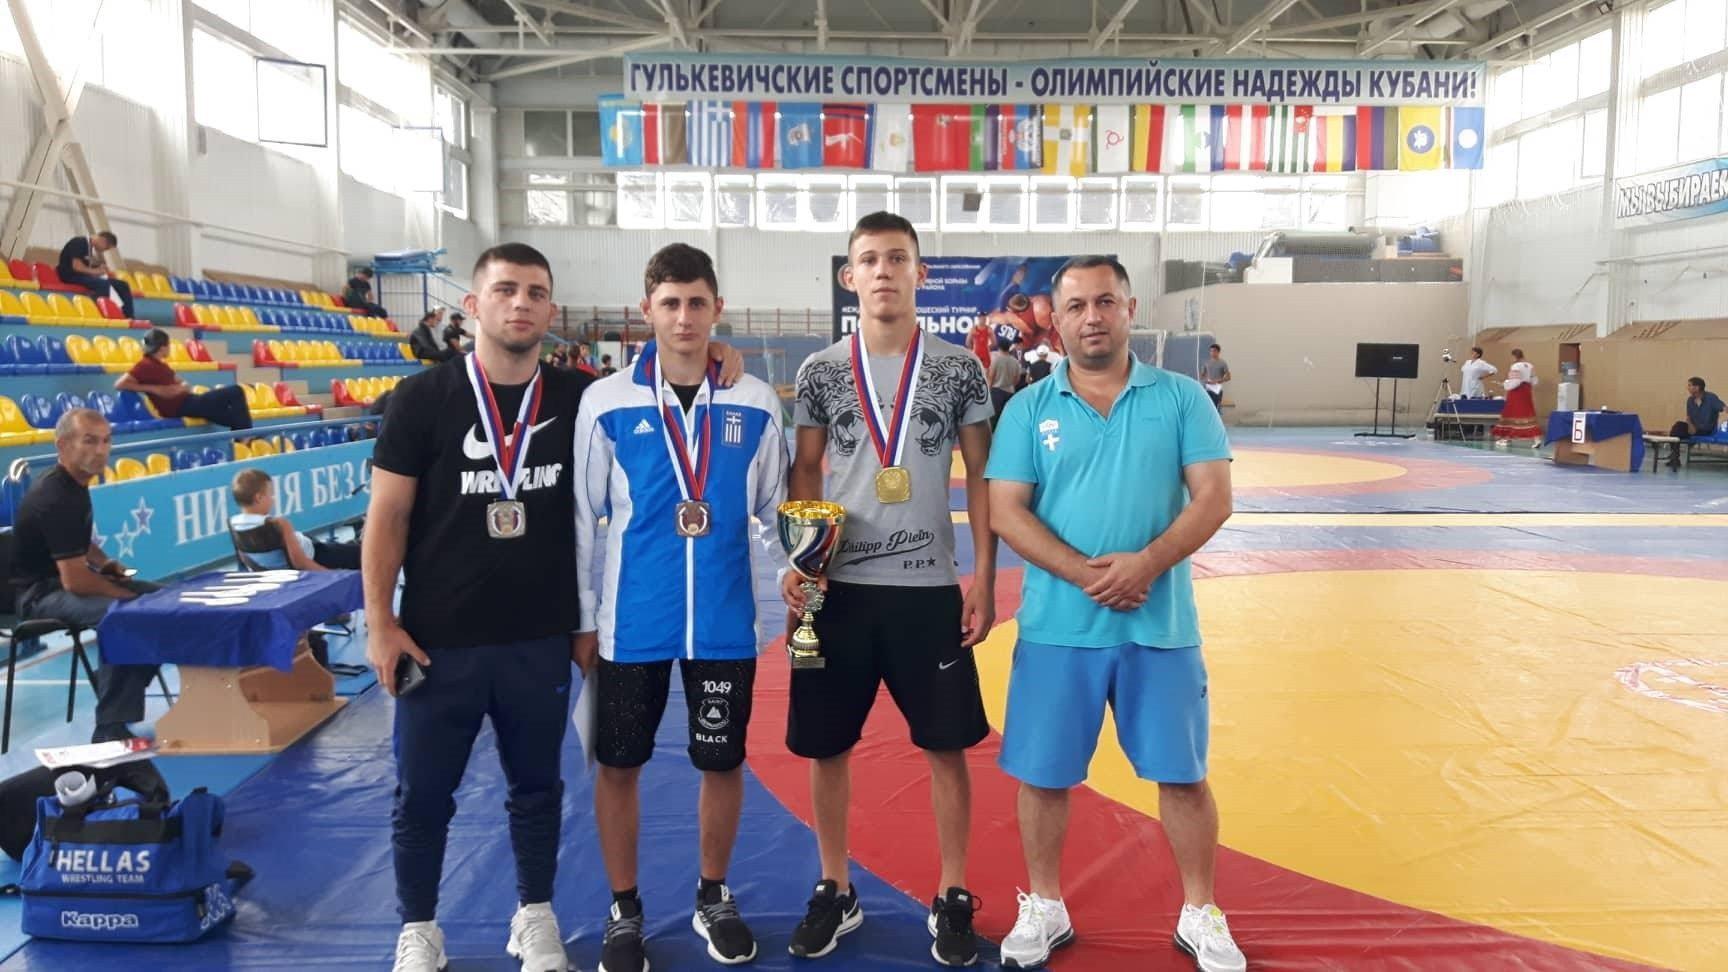 Τρία μετάλλια οι παλαιστές στην Ρωσία